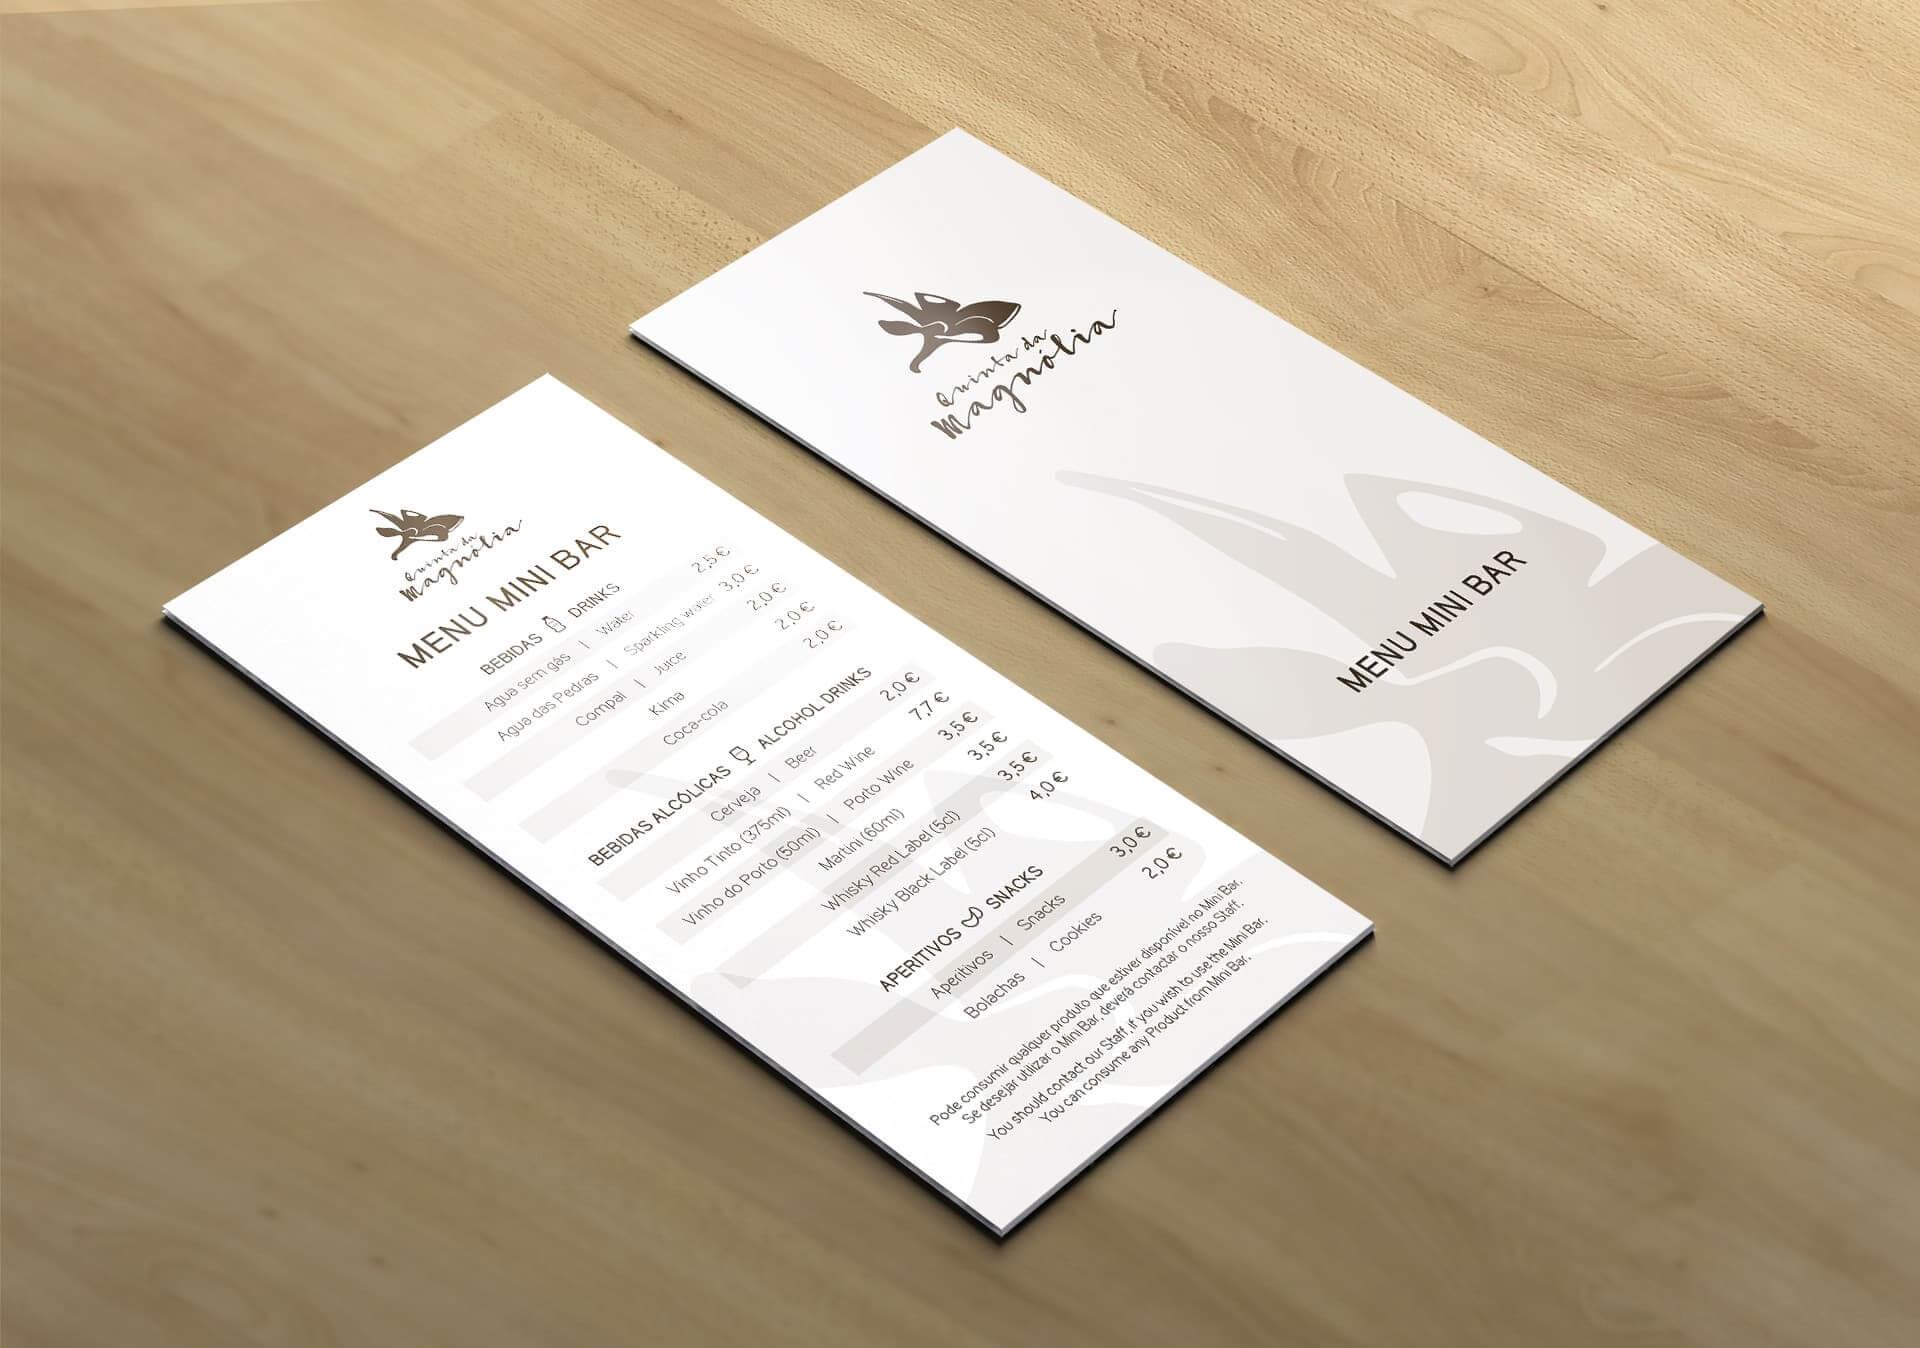 menu de mini-bar quinta da magnólia frente e verso